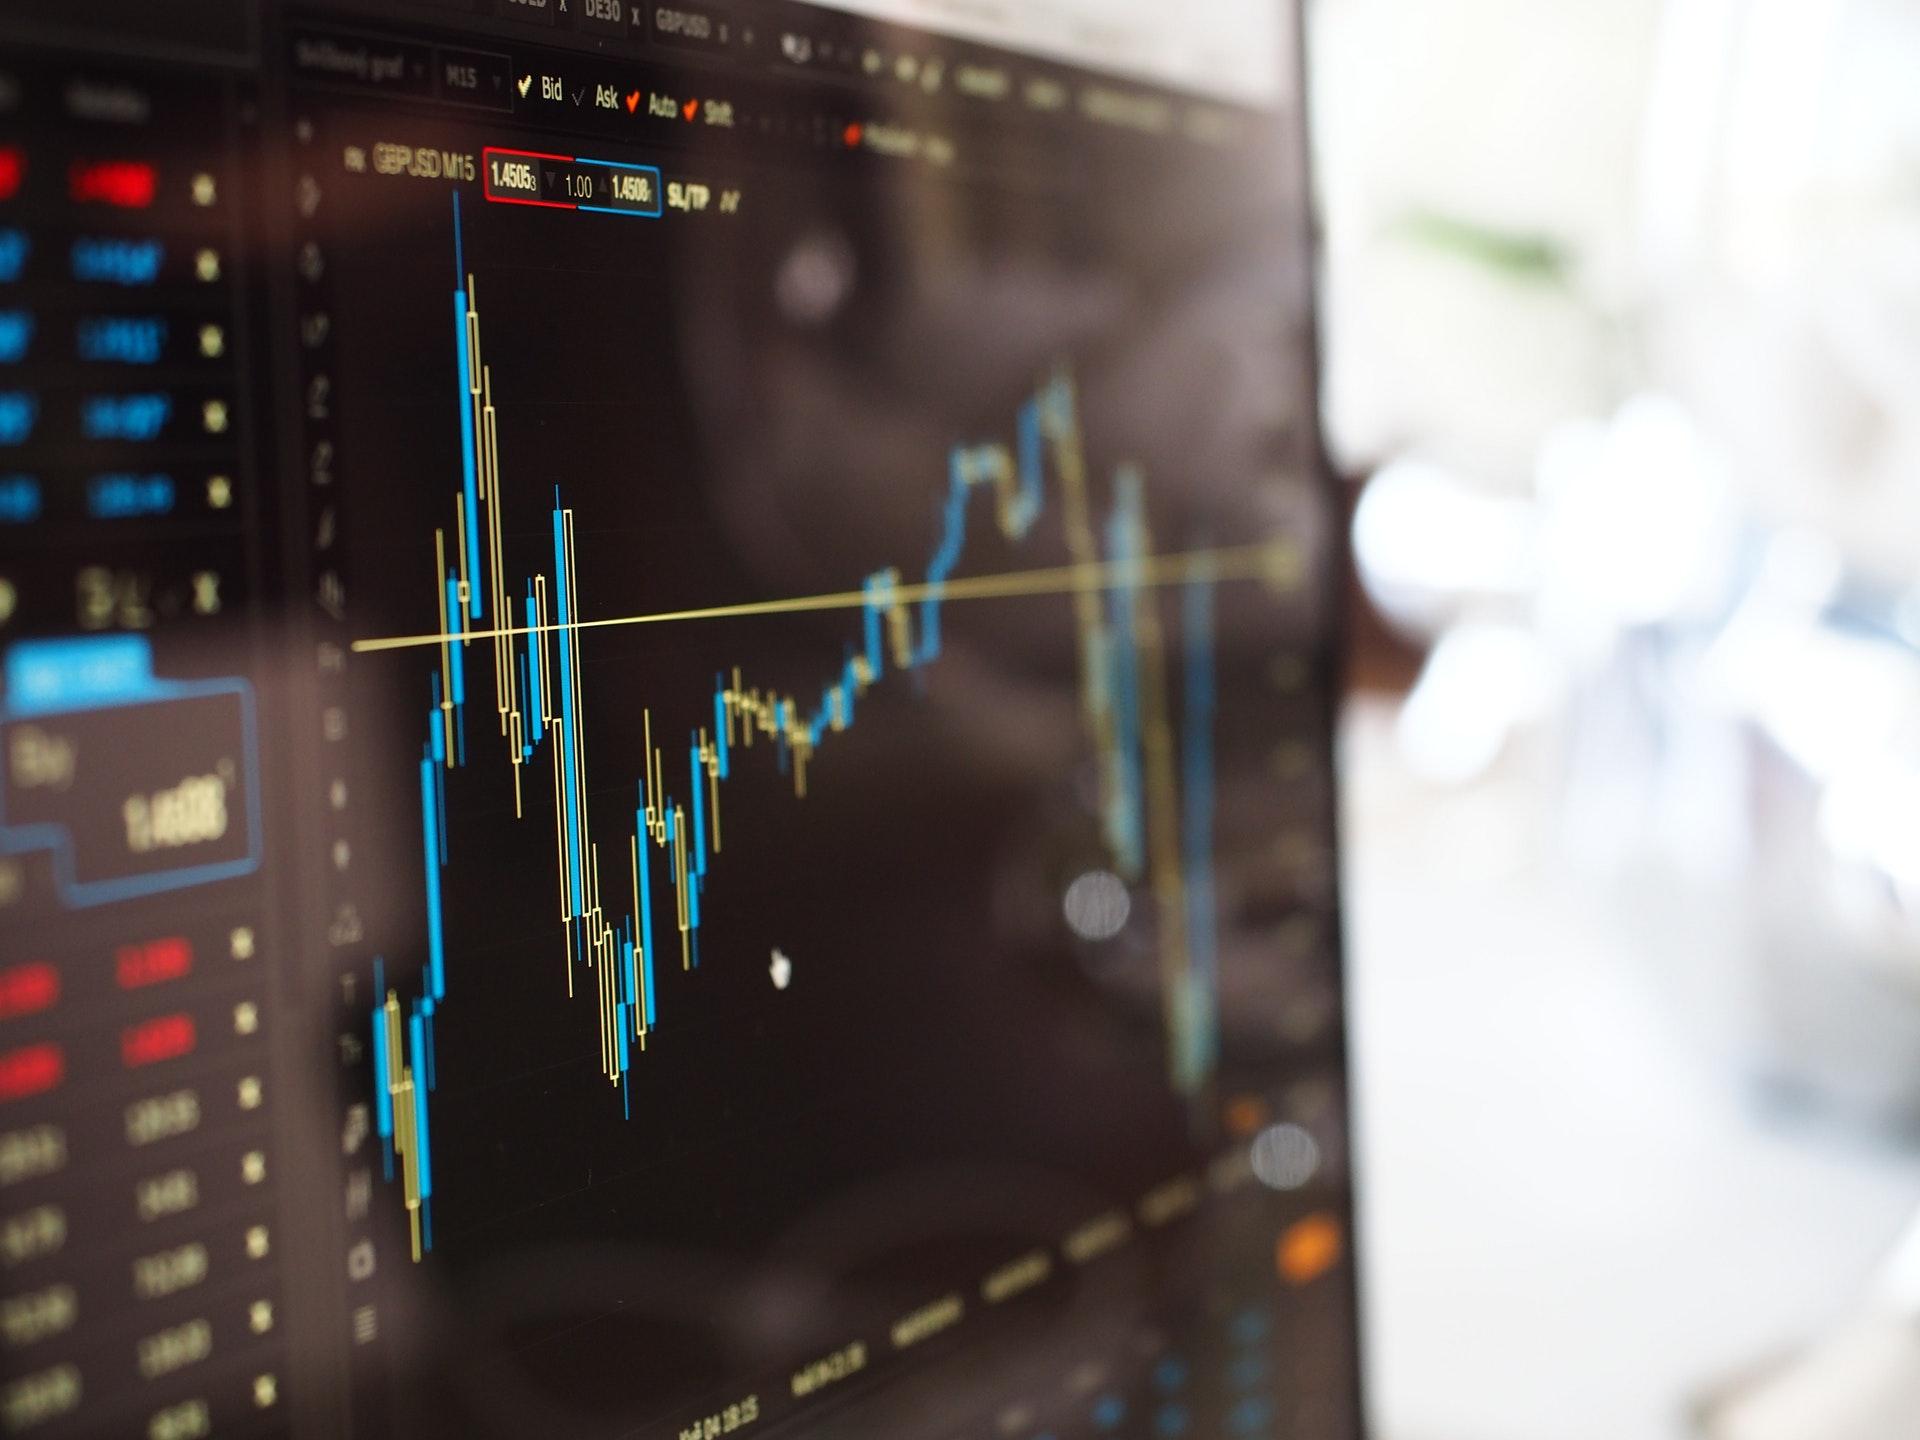 Mercados bursátiles asumen racha bajista más larga desde 2016